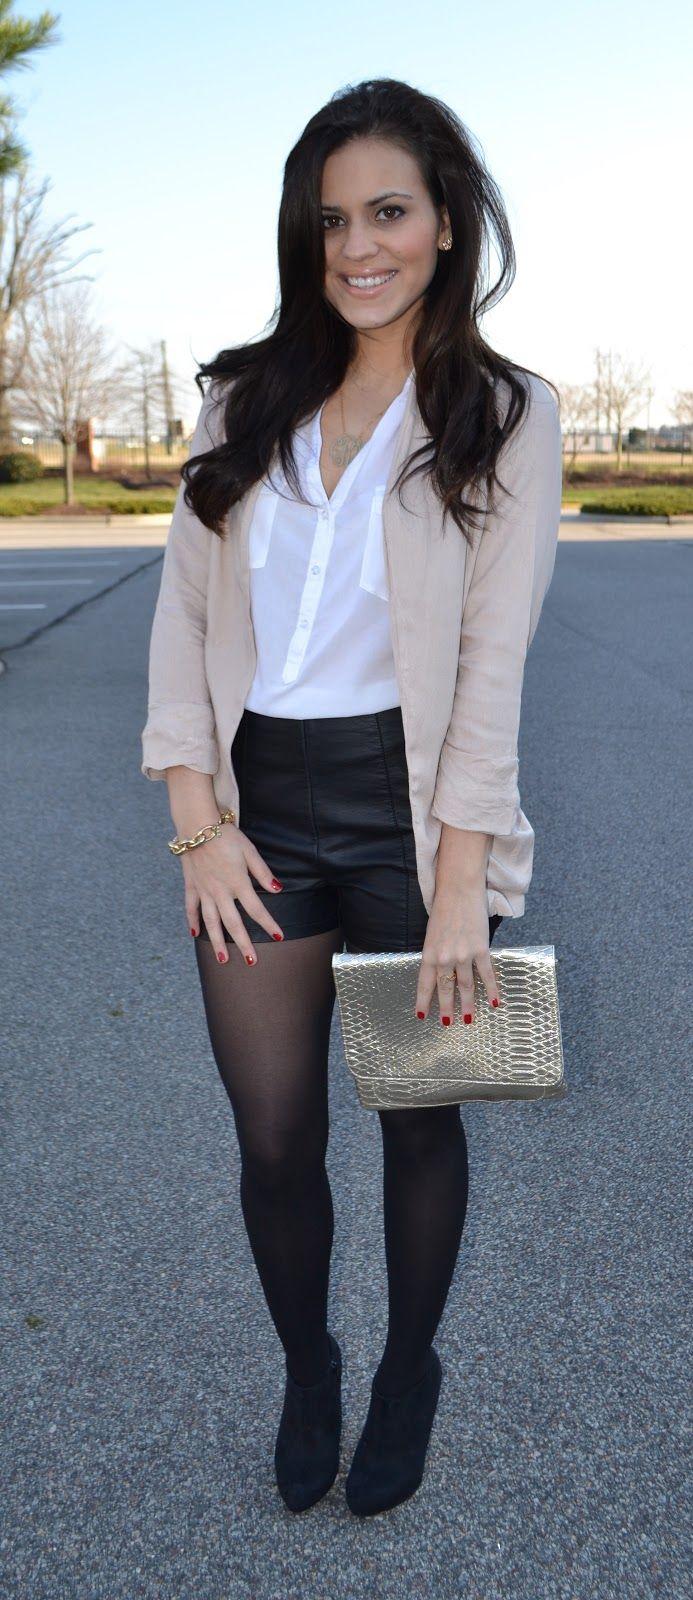 Inspiration dressy shorts nylons boots beige blazer fashion